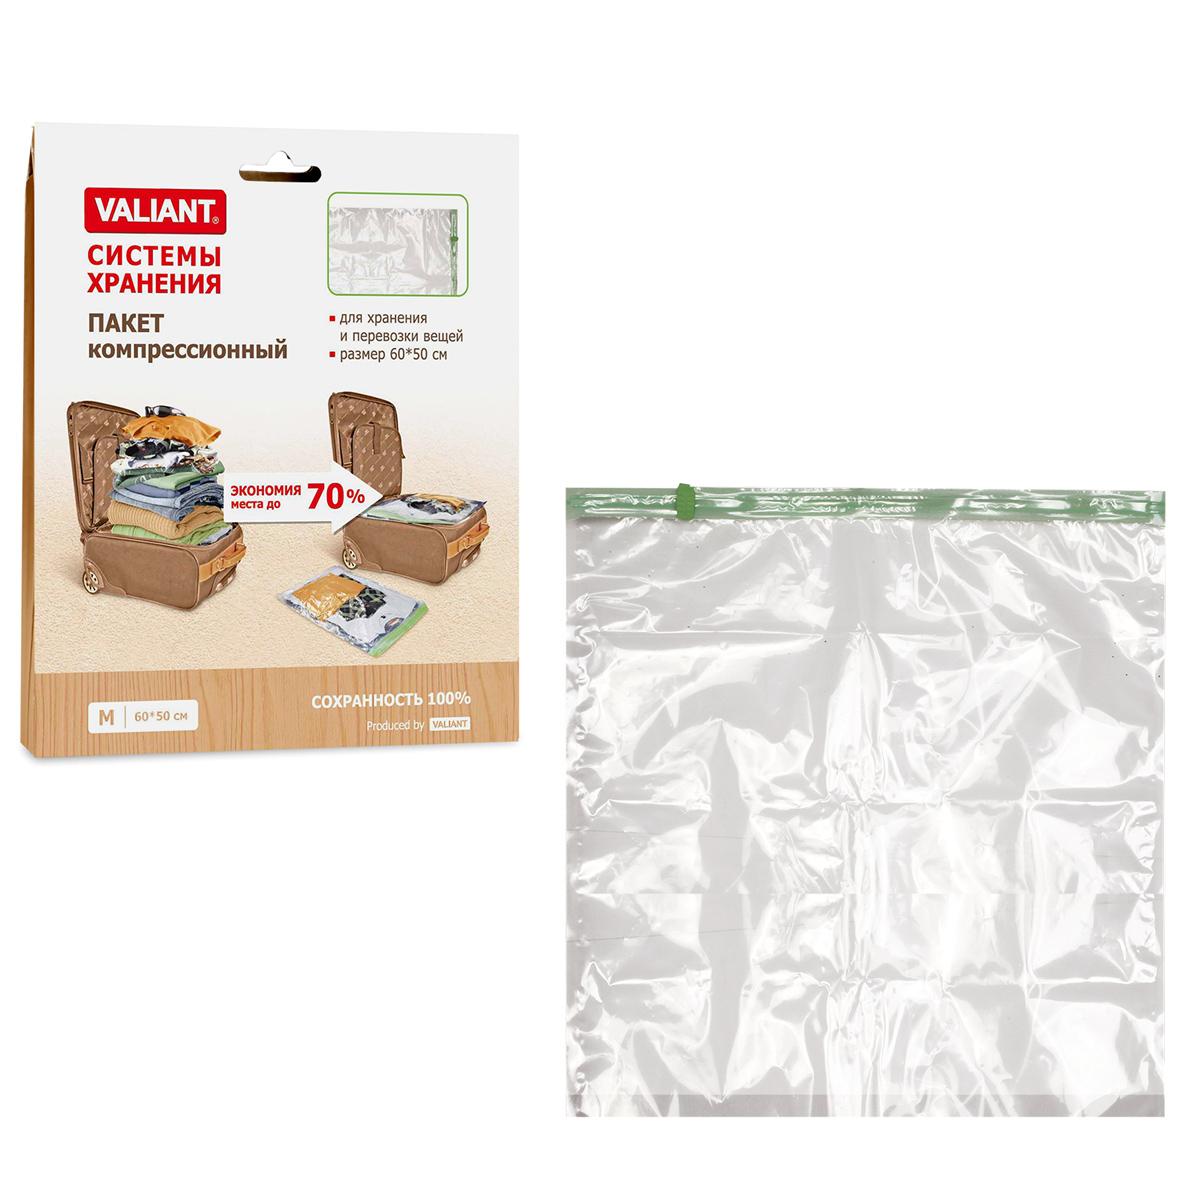 Пакет компрессионный Valiant, 60 х 50 смM65Компрессионный пакет Valiant поможет существенно сэкономить место в шкафу или чемодане. Вещи сжимаются в объеме на 70%, полностью сохраняя свое качество. Благодаря этому вы сможете сложить в чемодан или сумку больше вещей и перевезти их аккуратно и надежно. Пакет также защитит вещи от любых повреждений - влаги, пыли, пятен, плесени, моли и других насекомых, а также от обесцвечивания, запахов и бактерий. Для использования пакета не нужен пылесос. Чтобы выпустить воздух их пакета, достаточно просто его скатать. Чехол закрывается на замок zip-lock. Не подходит для изделий из меха и кожи.